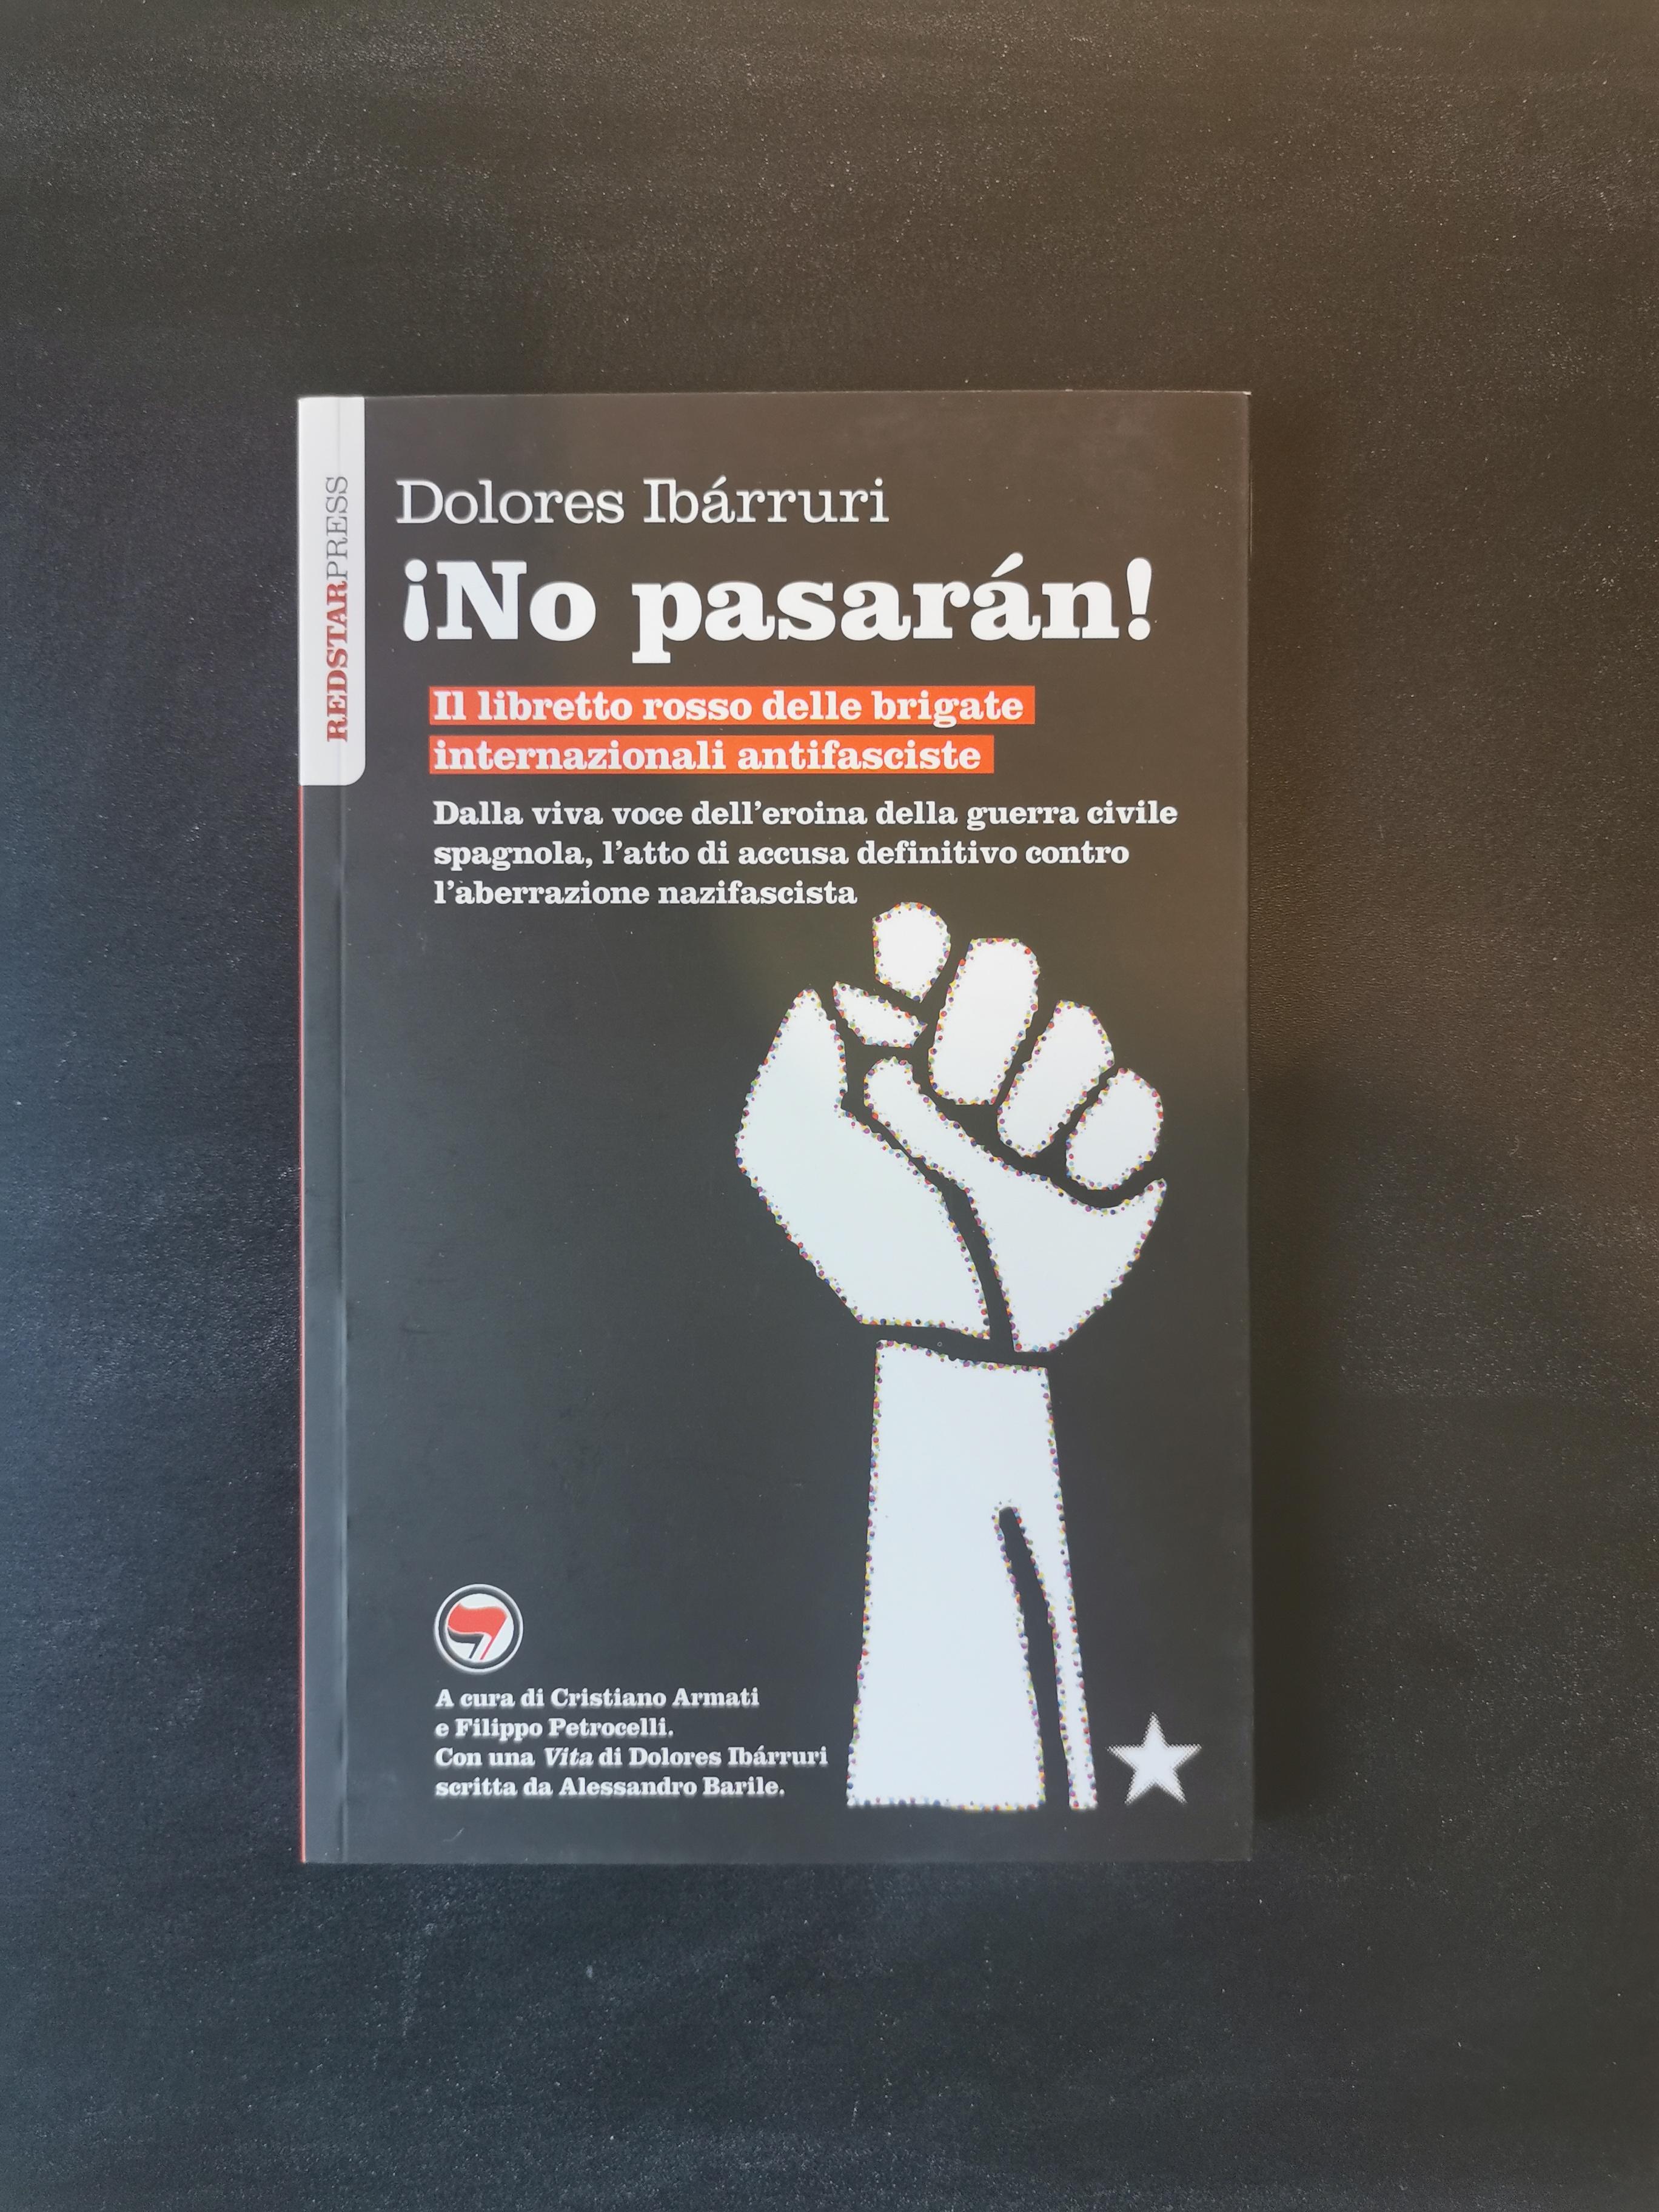 ¡No pasarán! - Dalla viva voce dell'eroina della guerra civile spagnola, l'atto di accusa definitivo contro l'aberrazione nazifascista